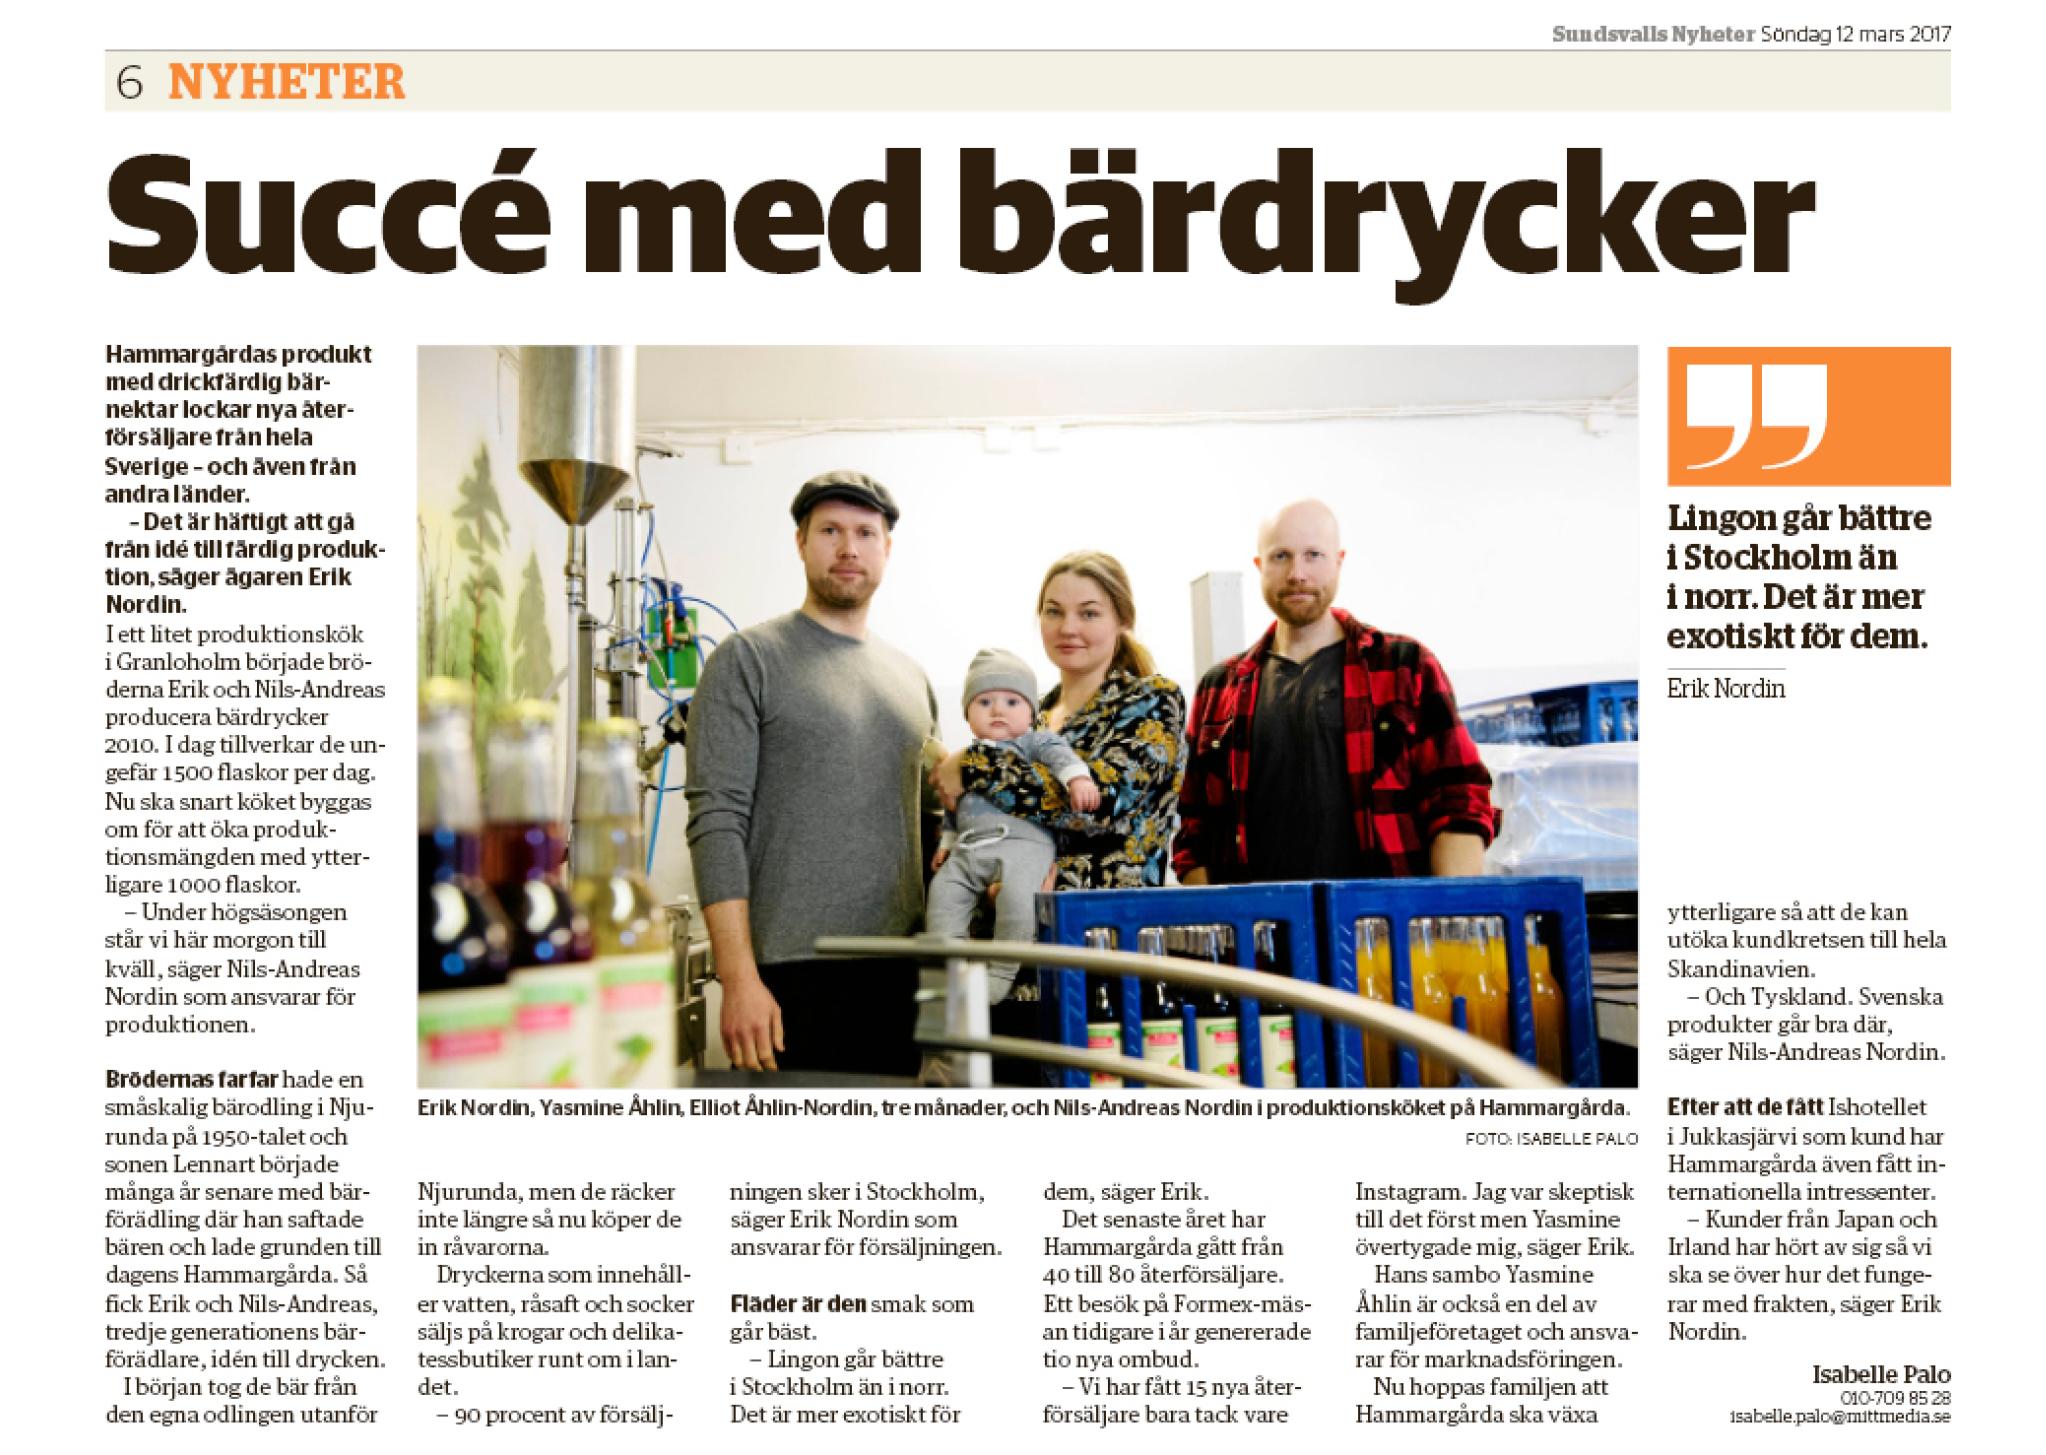 Hammargårda_sundsvallsnyheter